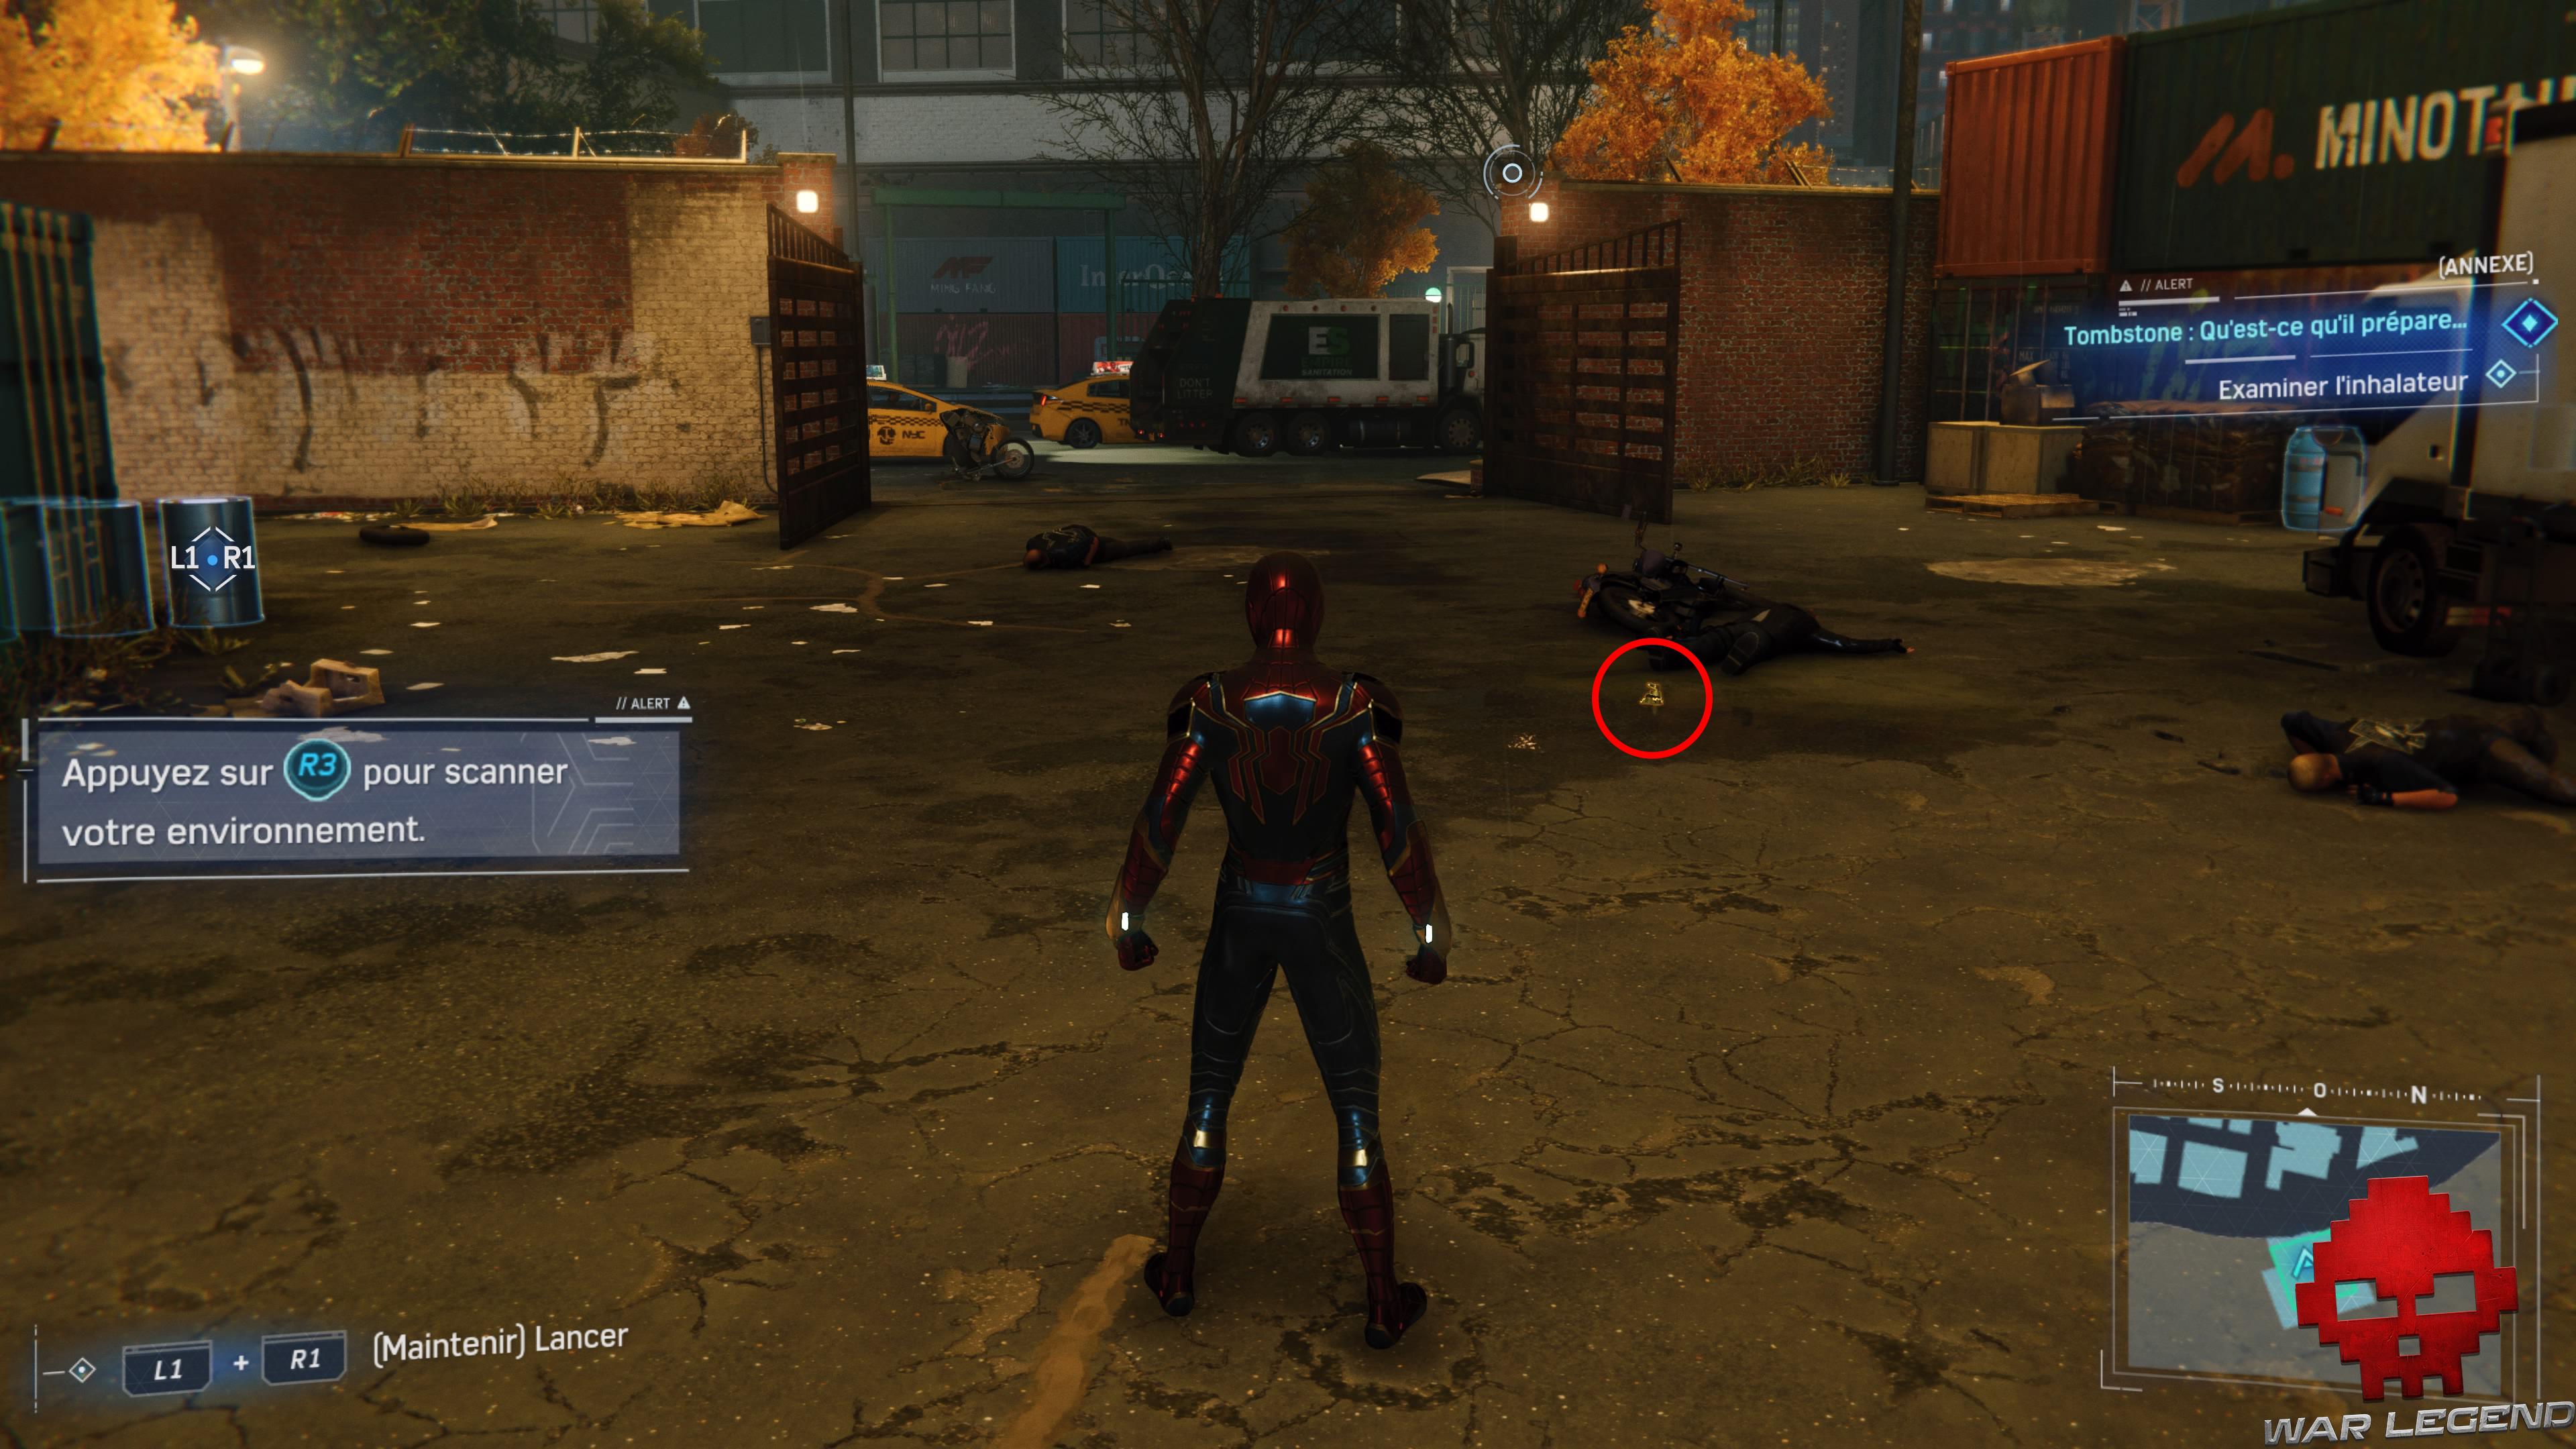 solution spider-man tombstone qu'est-ce qu'il prépare inhalateur au sol